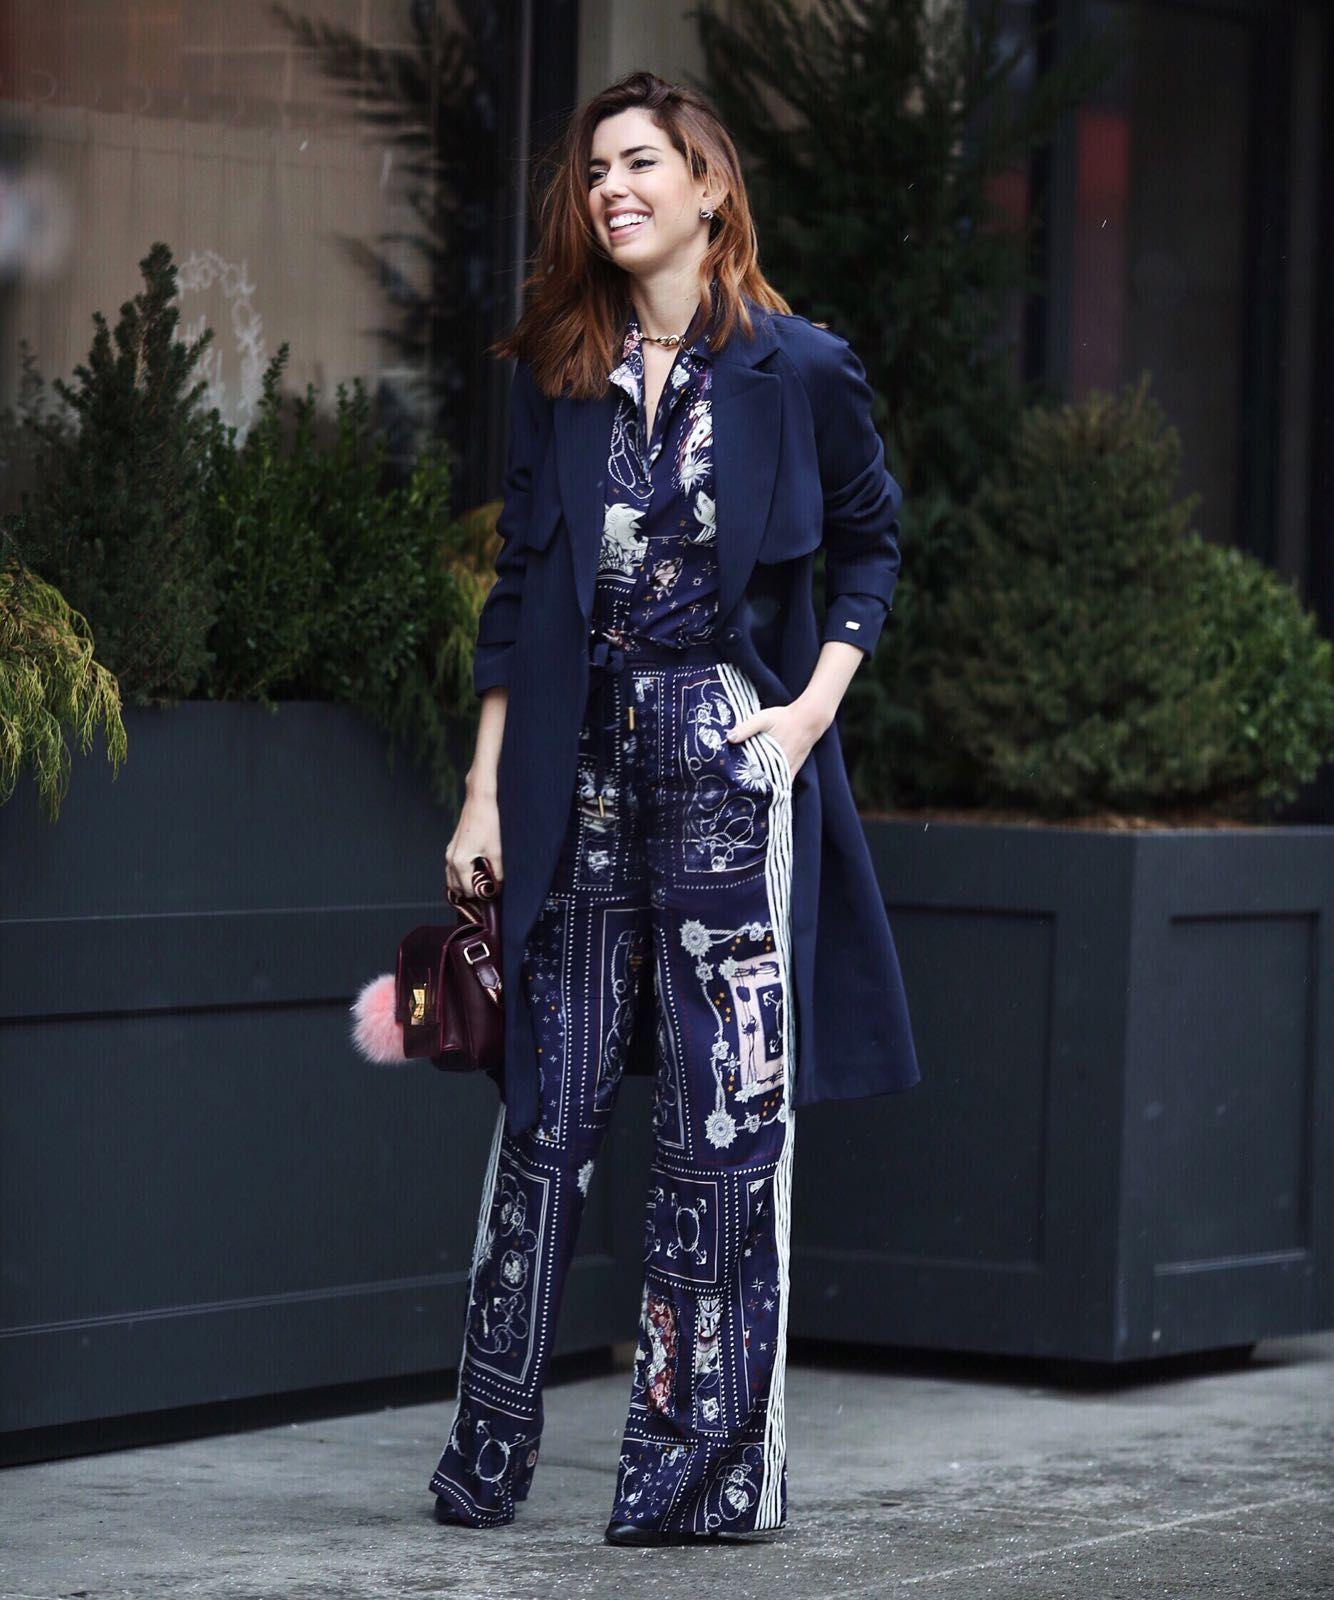 Em Nova York, Camila Coutinho faz um look de inverno em tons de azul. Ela combinou o macacão estampado soltinho com um sobretudo azul marinho e, para contrastar, uma bolsa marrom envelhecida.